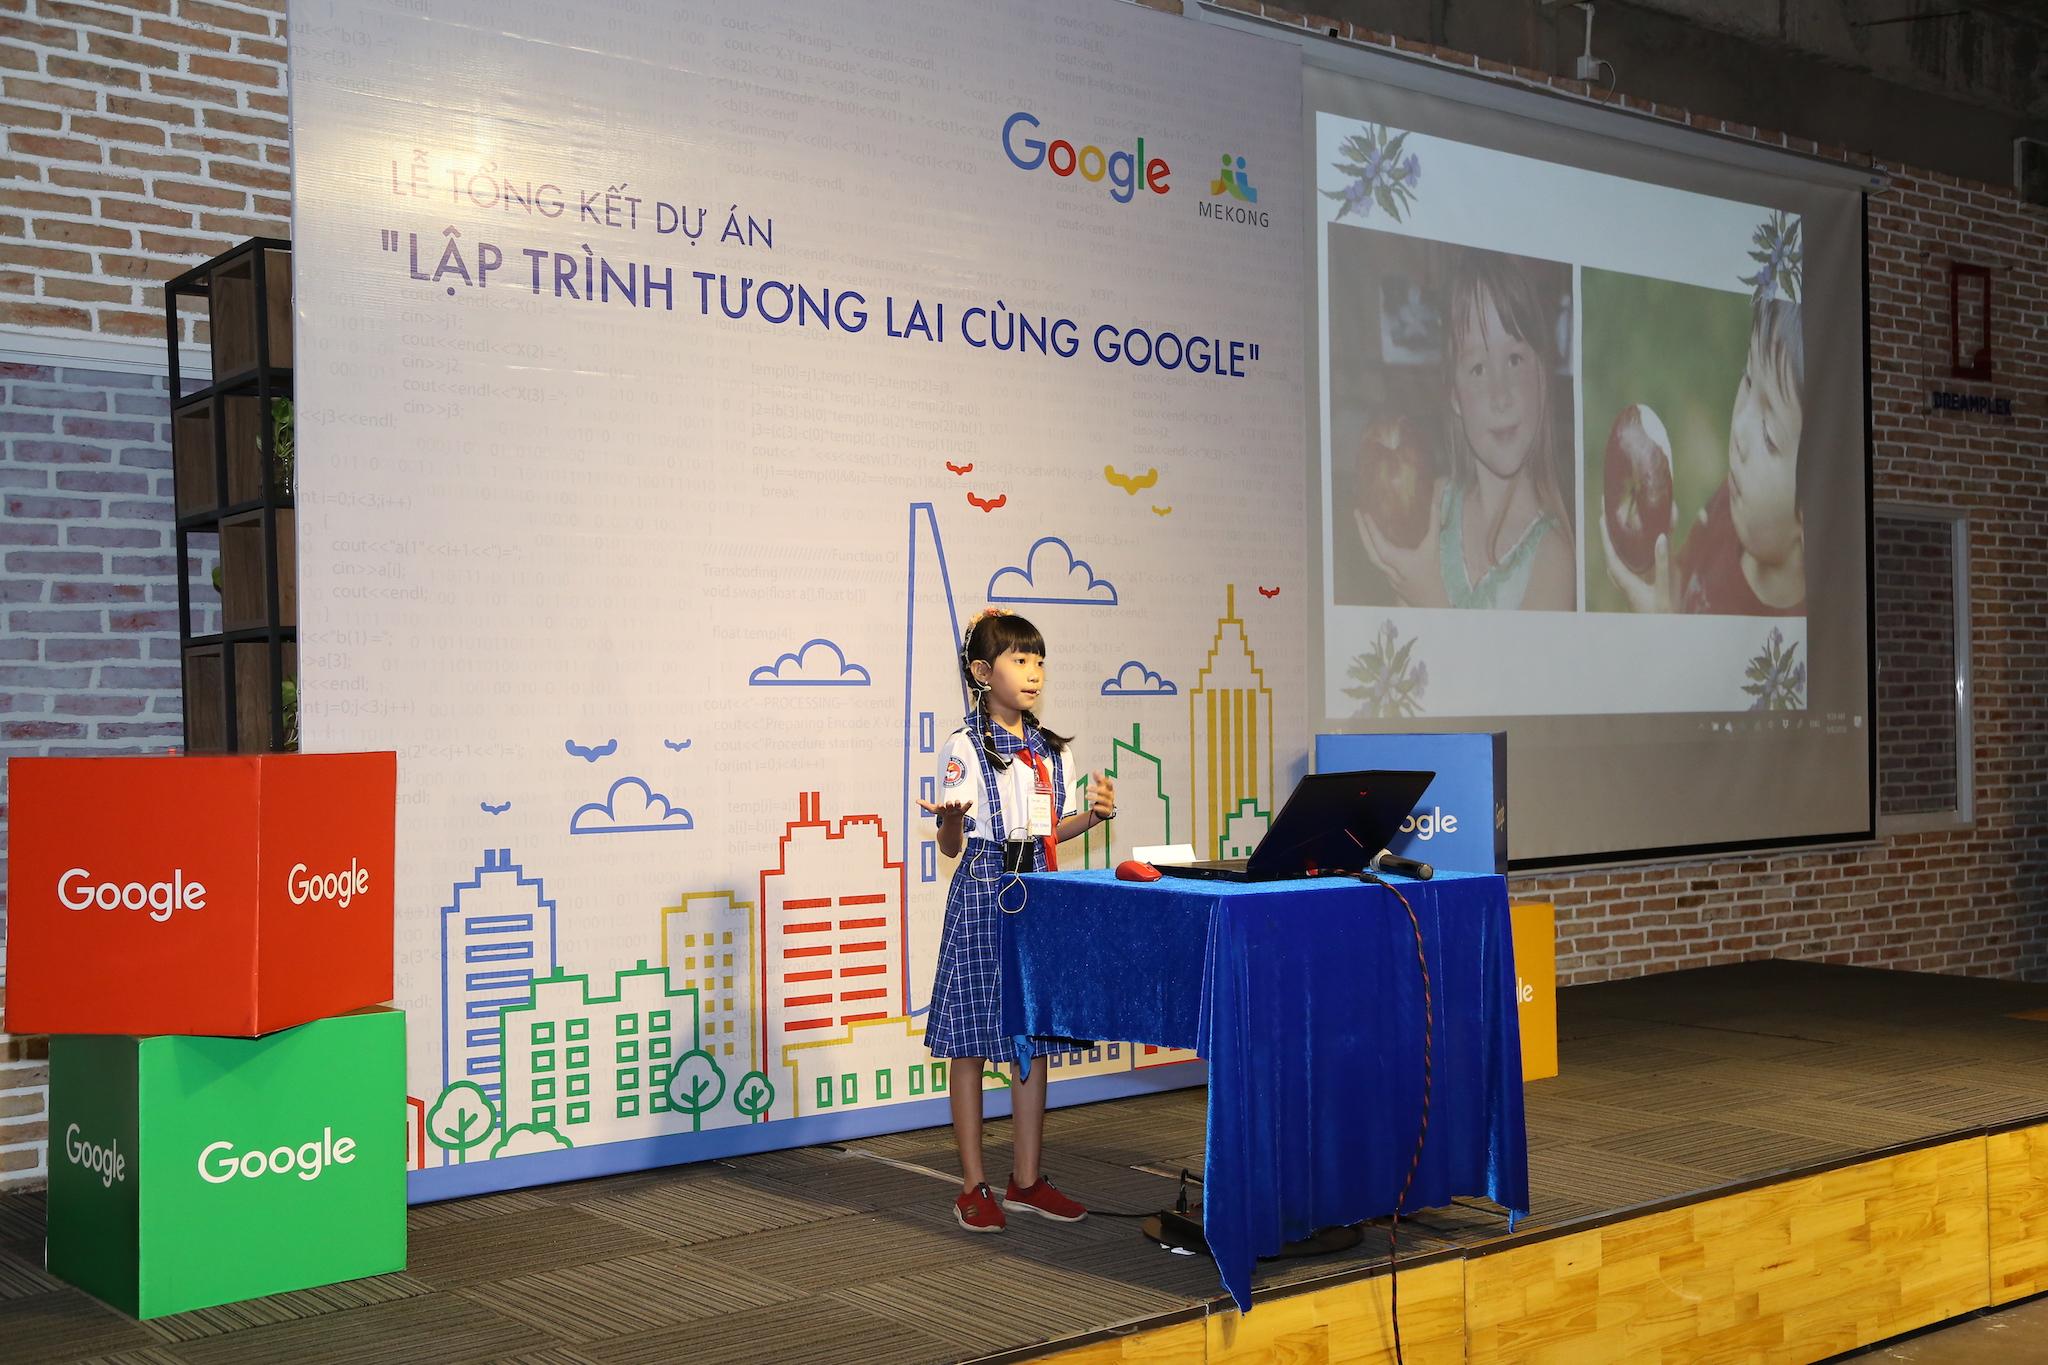 bé Trần Thụy Ngọc Minh trình bày sản phẩm lập trình Trò Học Làm Toán.JPG